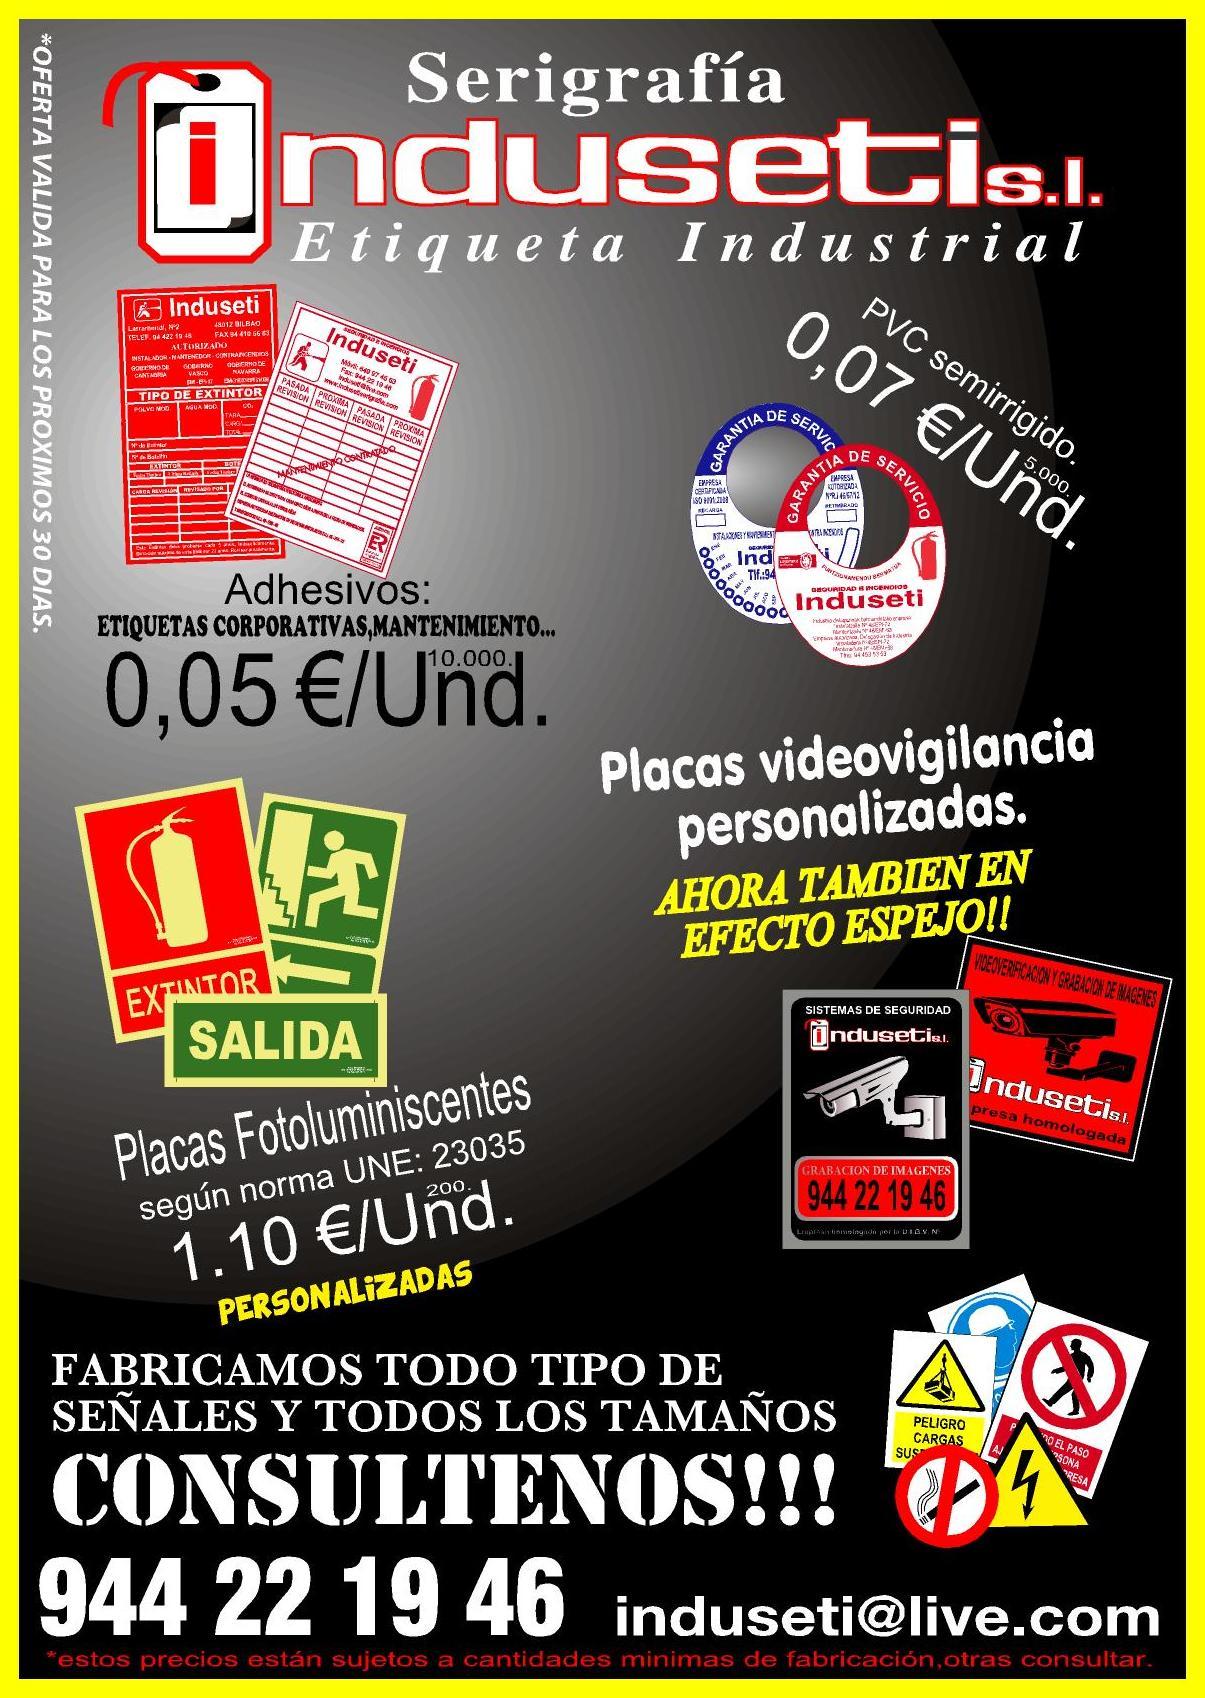 Empresa de rótulos en Bilbao